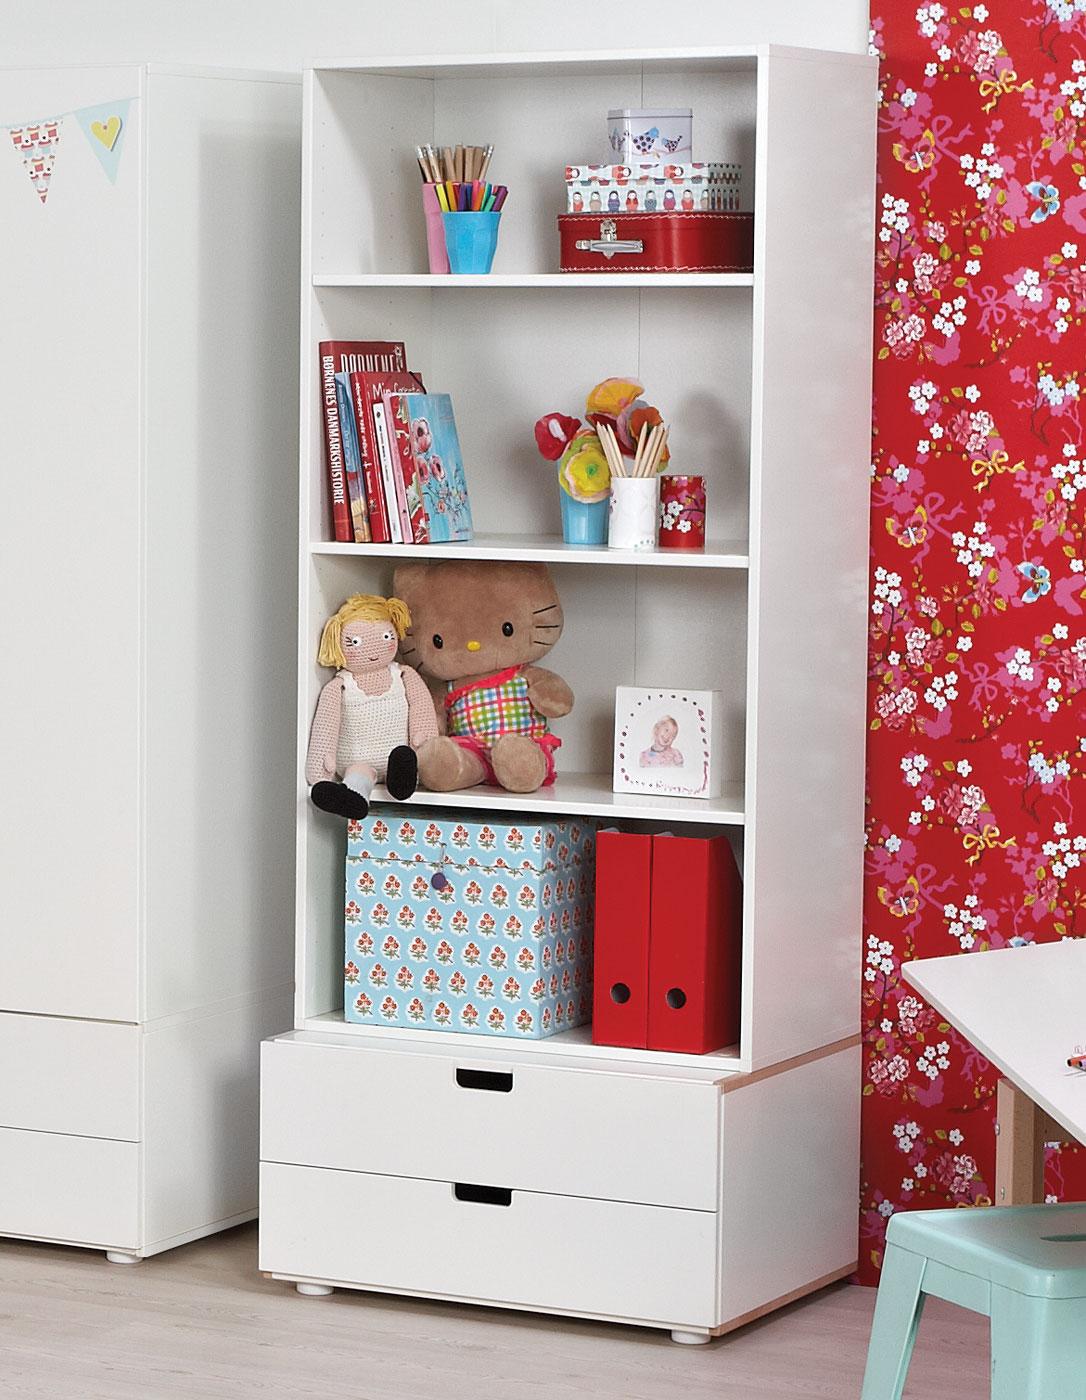 Regale für Kinderzimmer günstig online erwerben | BETTEN.de